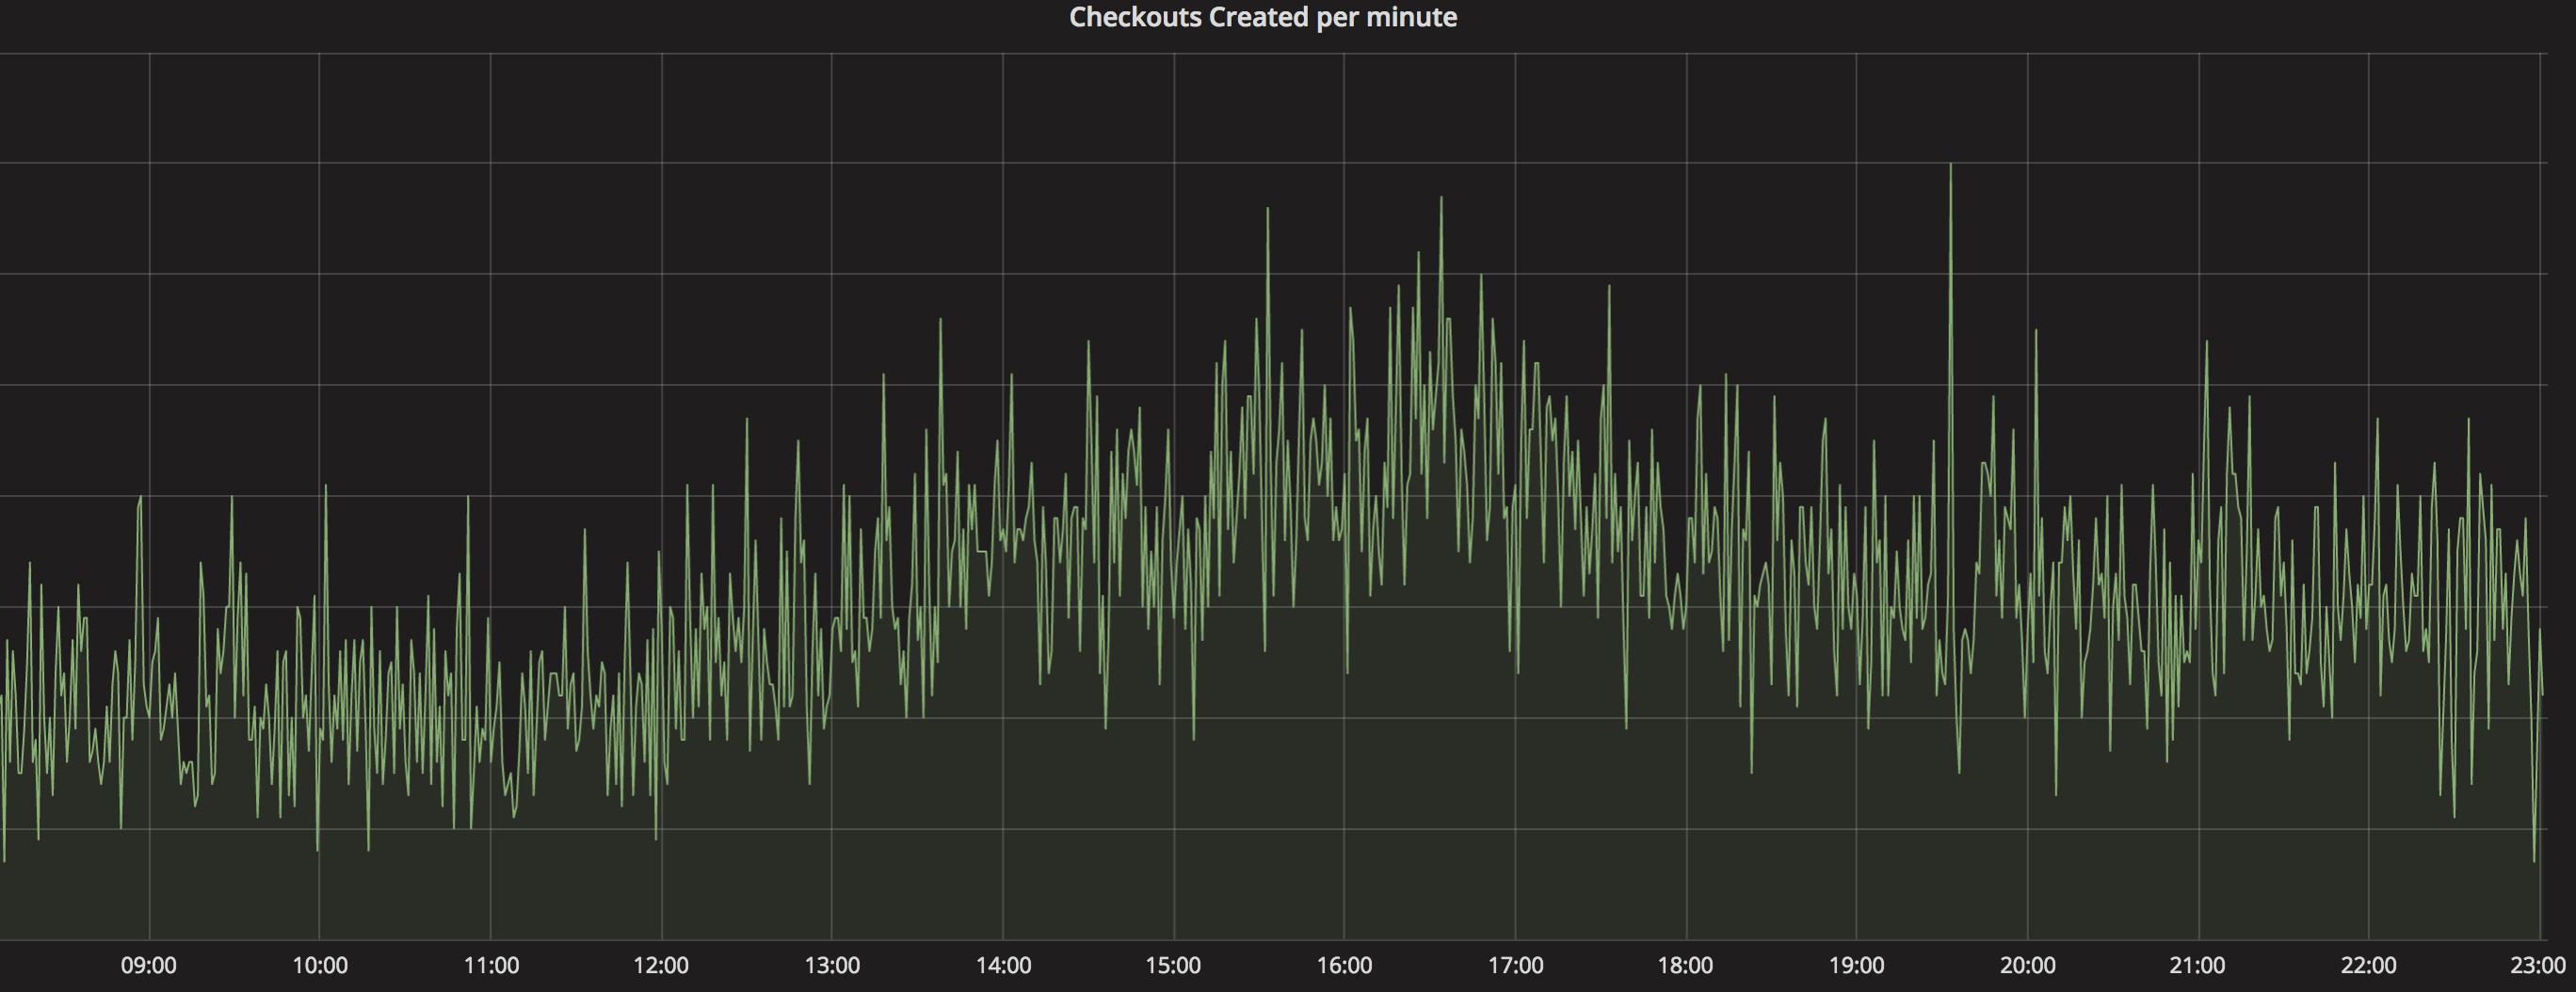 Checkout load